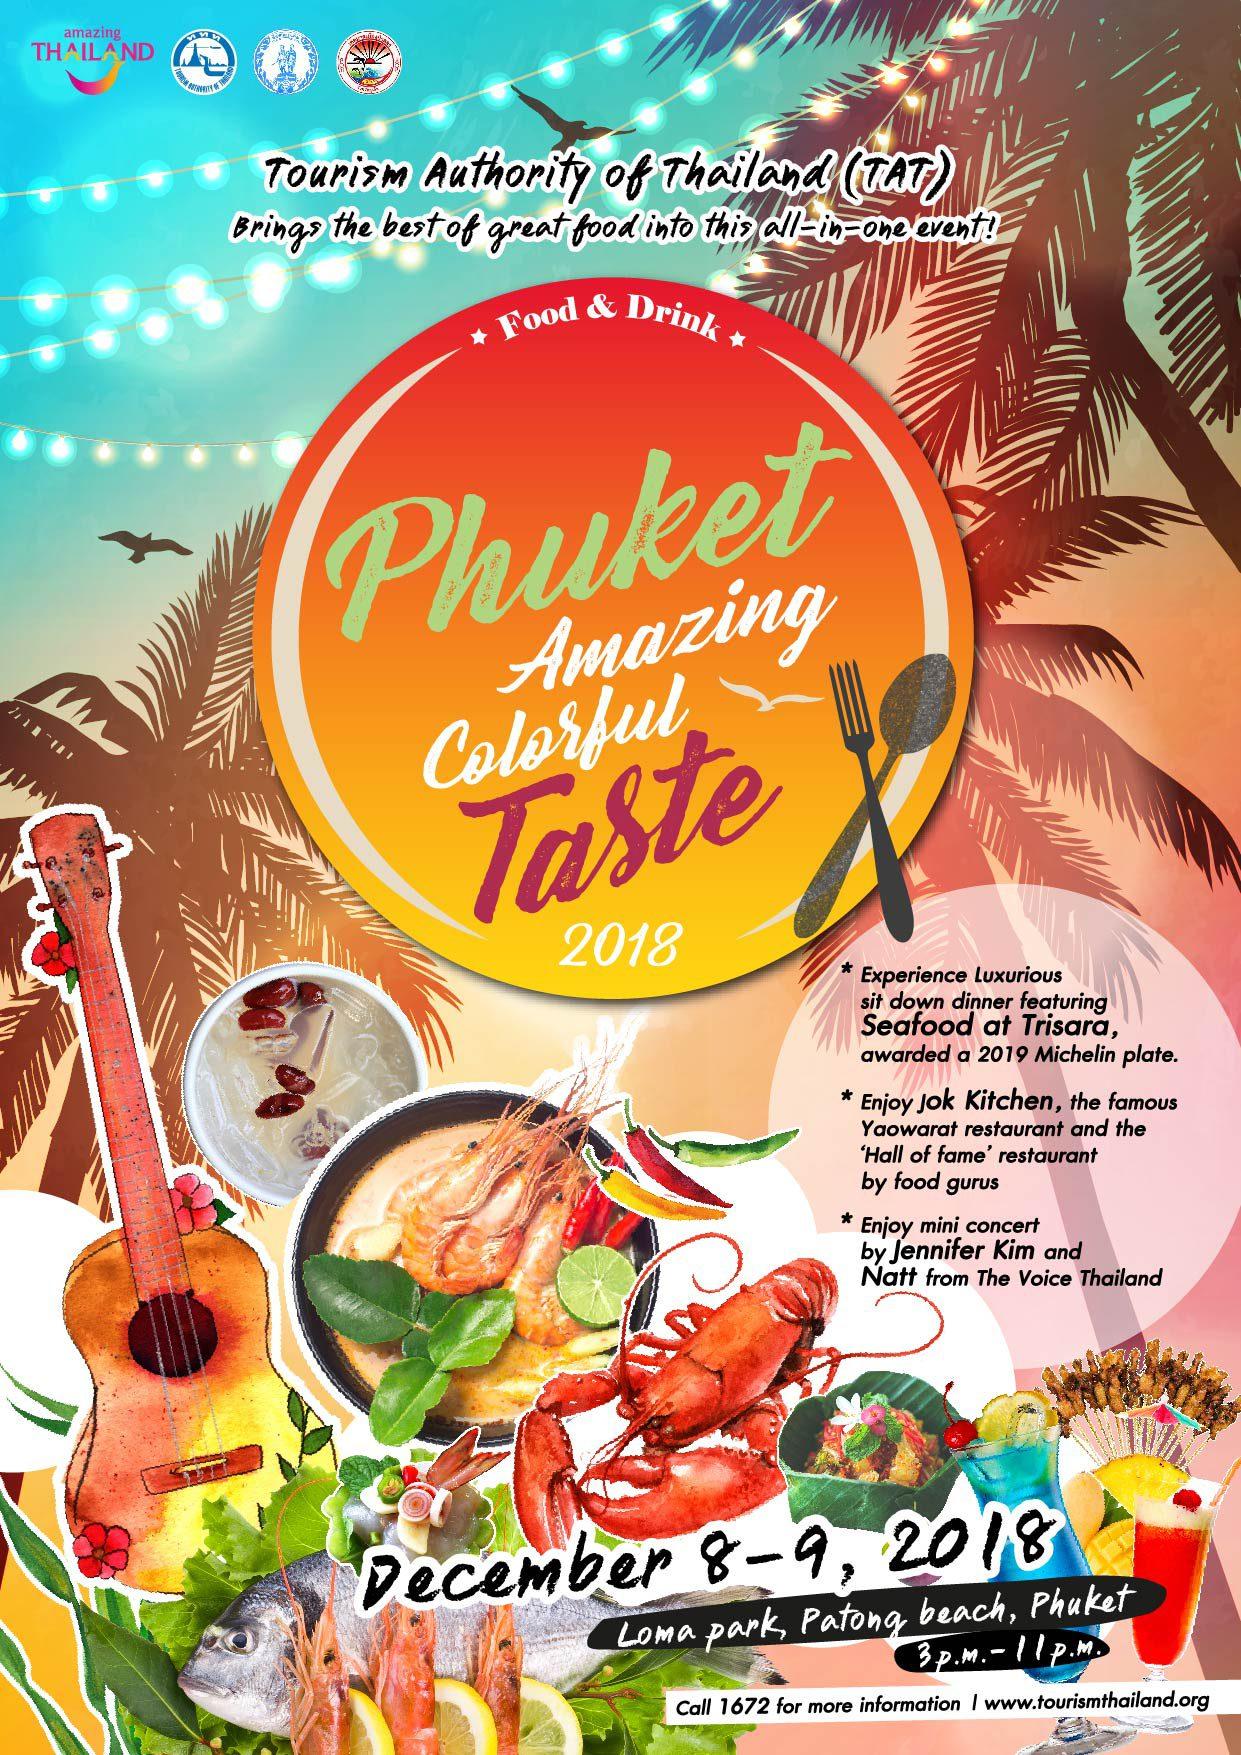 คนชอบกินต้องไปงานนี้เด้ออออ Phuket Amazing Colorful Taste 2018